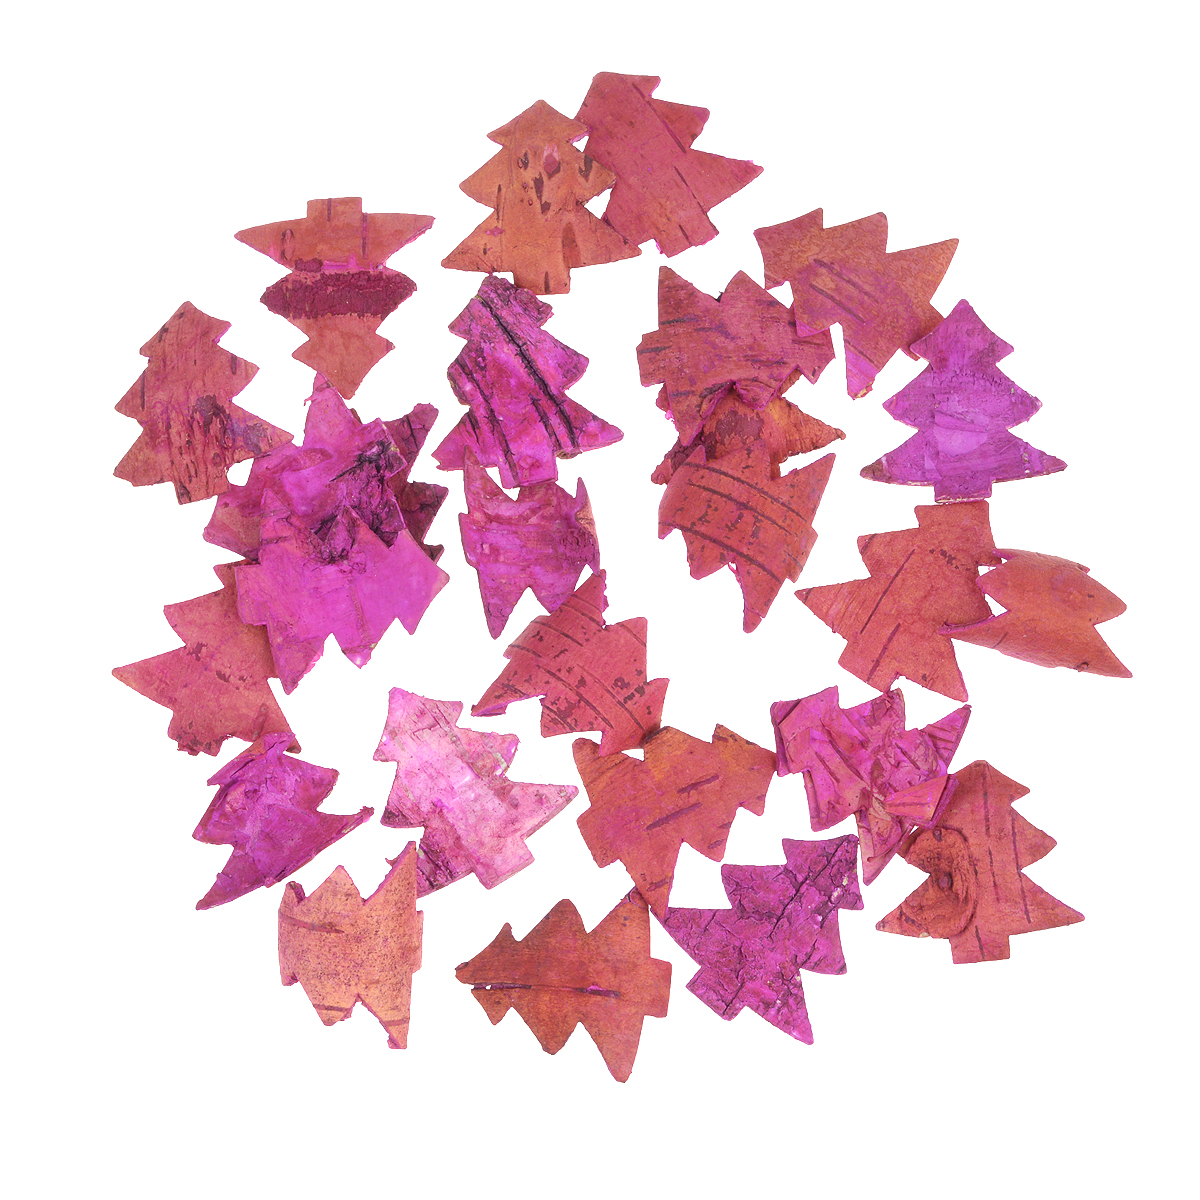 Декоративный элемент Dongjiang Art Елка, цвет: розовый, 25 штBPS.09Декоративный элемент Dongjiang Art Елка, изготовленный из натуральной коры дерева, предназначен для украшения цветочных композиций. Изделие можно также использовать в технике скрапбукинг и многом другом. Флористика - вид декоративно-прикладного искусства, который использует живые, засушенные или консервированные природные материалы для создания флористических работ. Это целый мир, в котором есть место и строгому математическому расчету, и вдохновению.